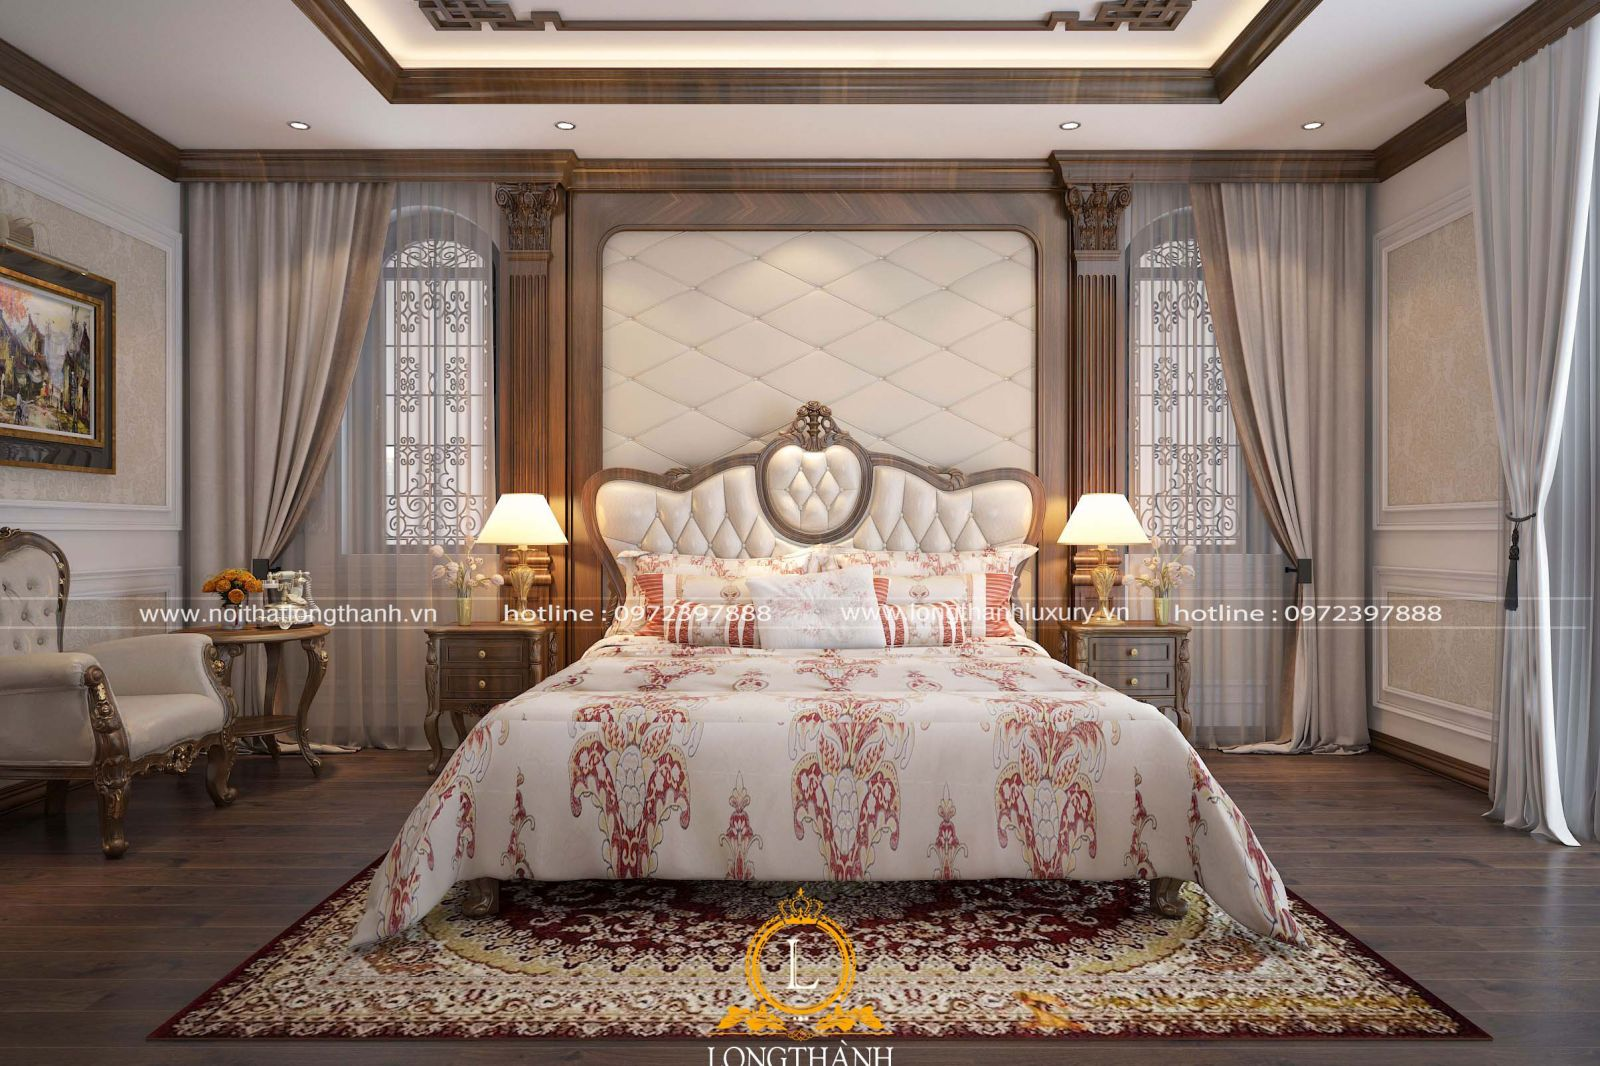 Phòng ngủ sang trọng mà tinh tế